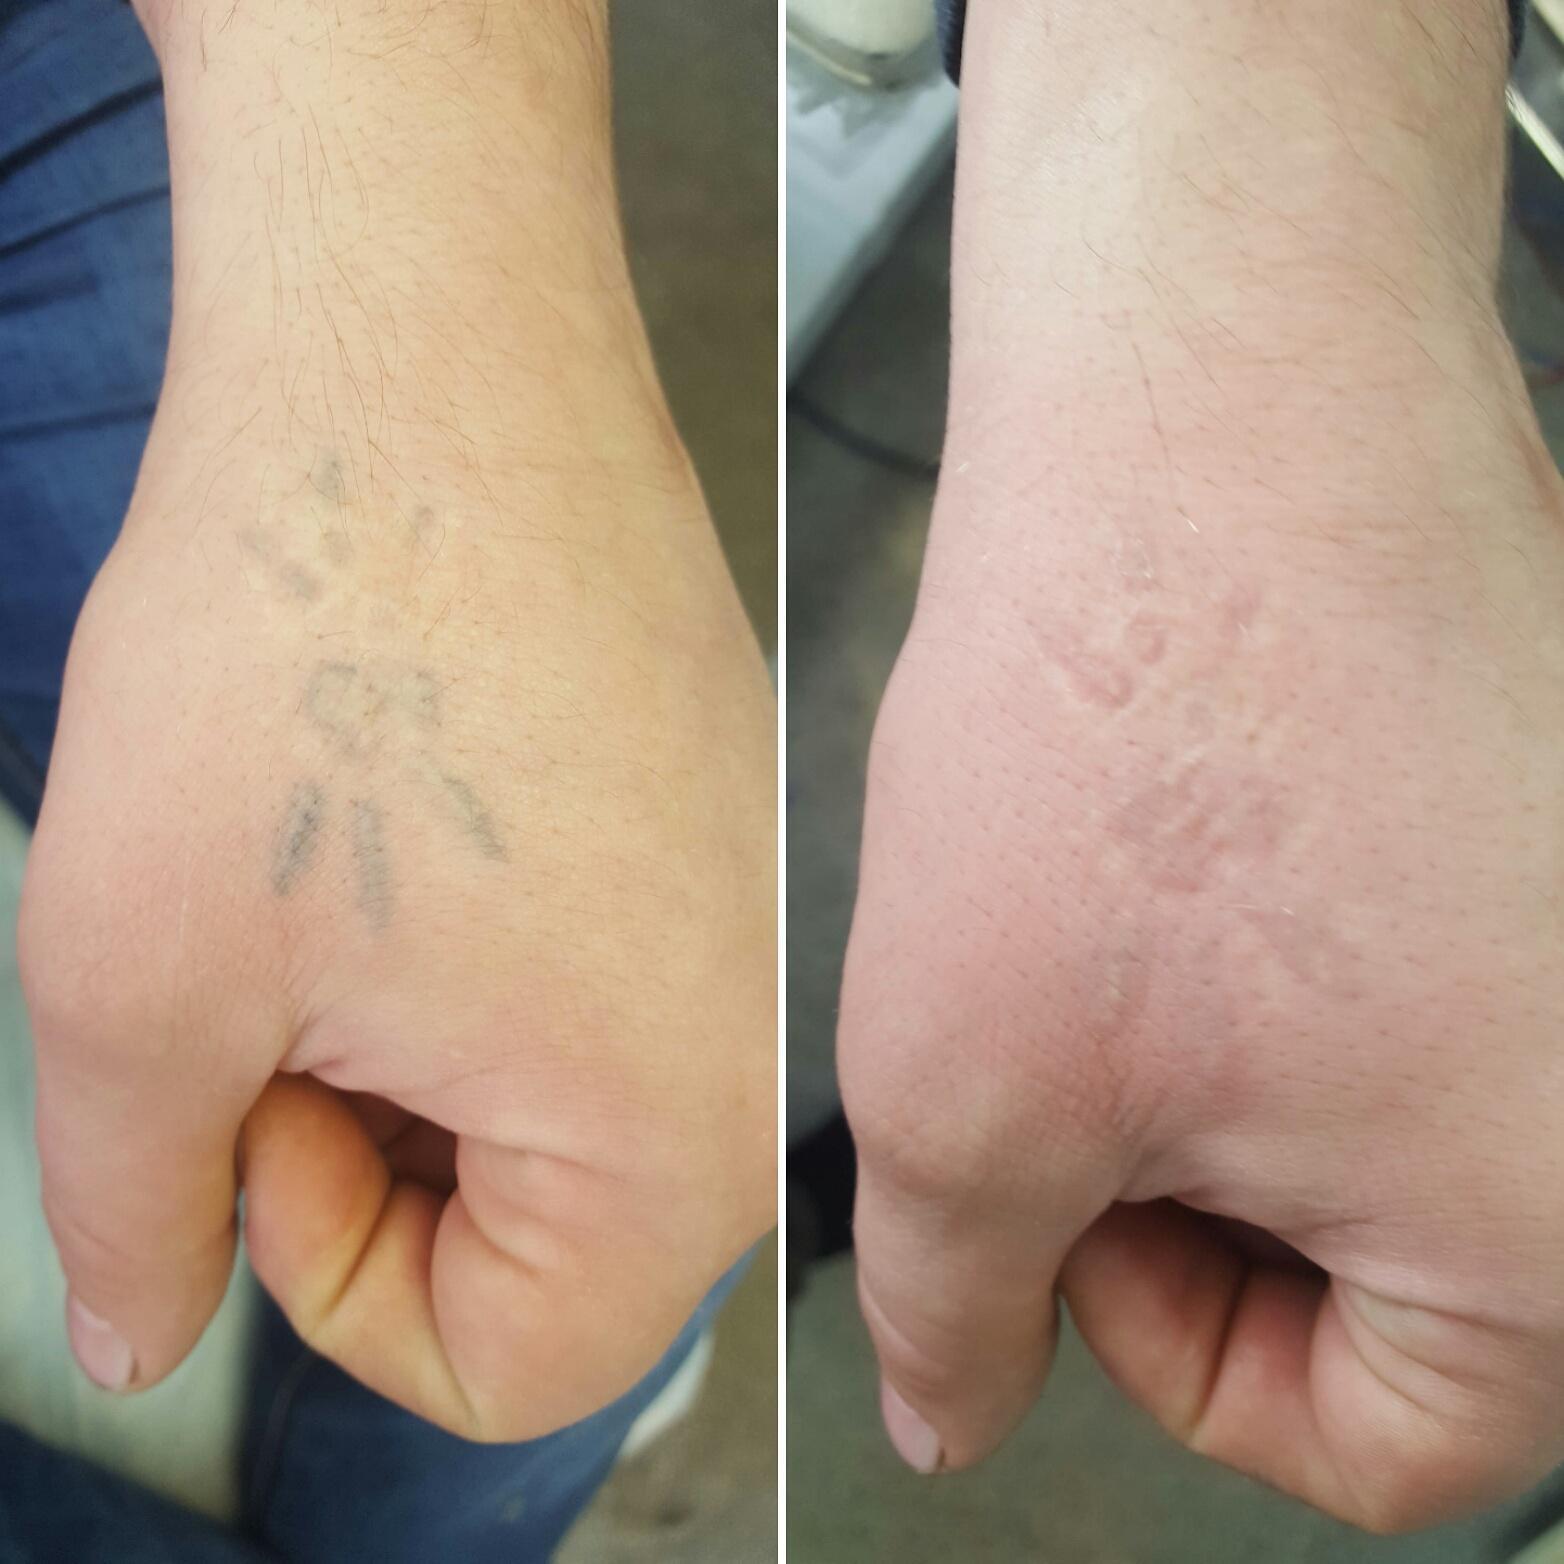 Удаление тату лазером: цена, плюсы и минусы, фото до и после